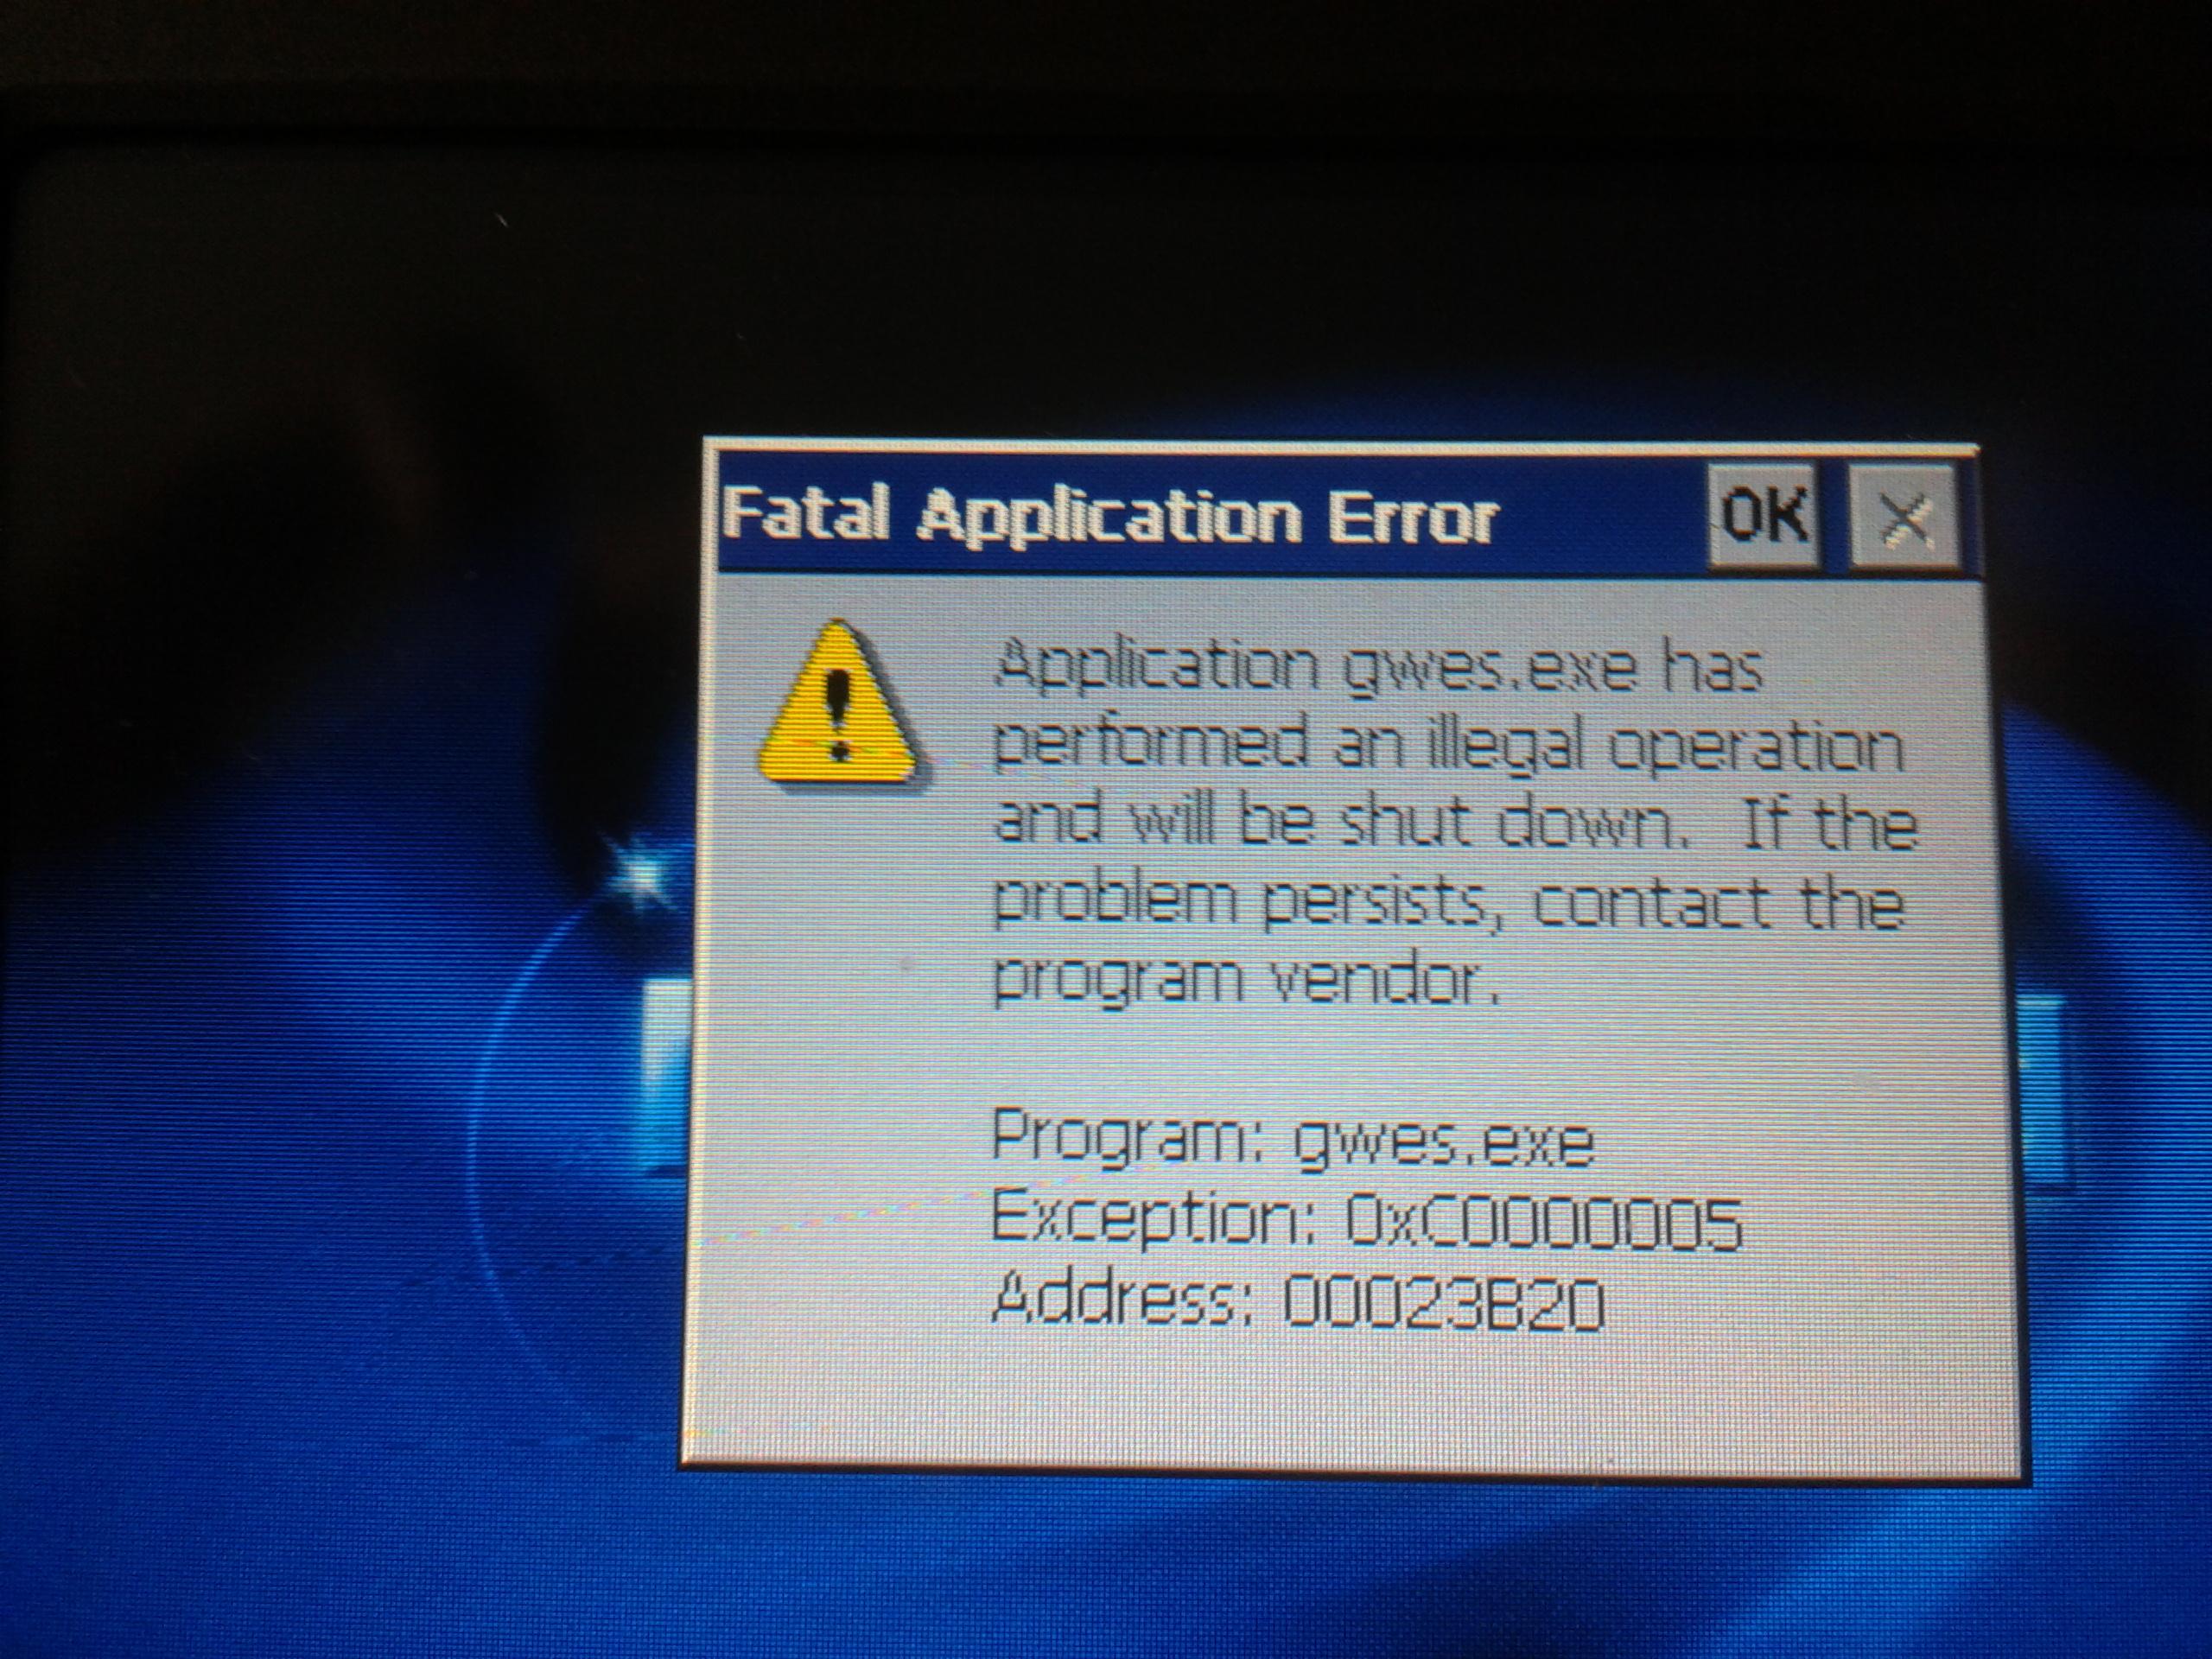 Fatal Application Error- NaviRoad NR411